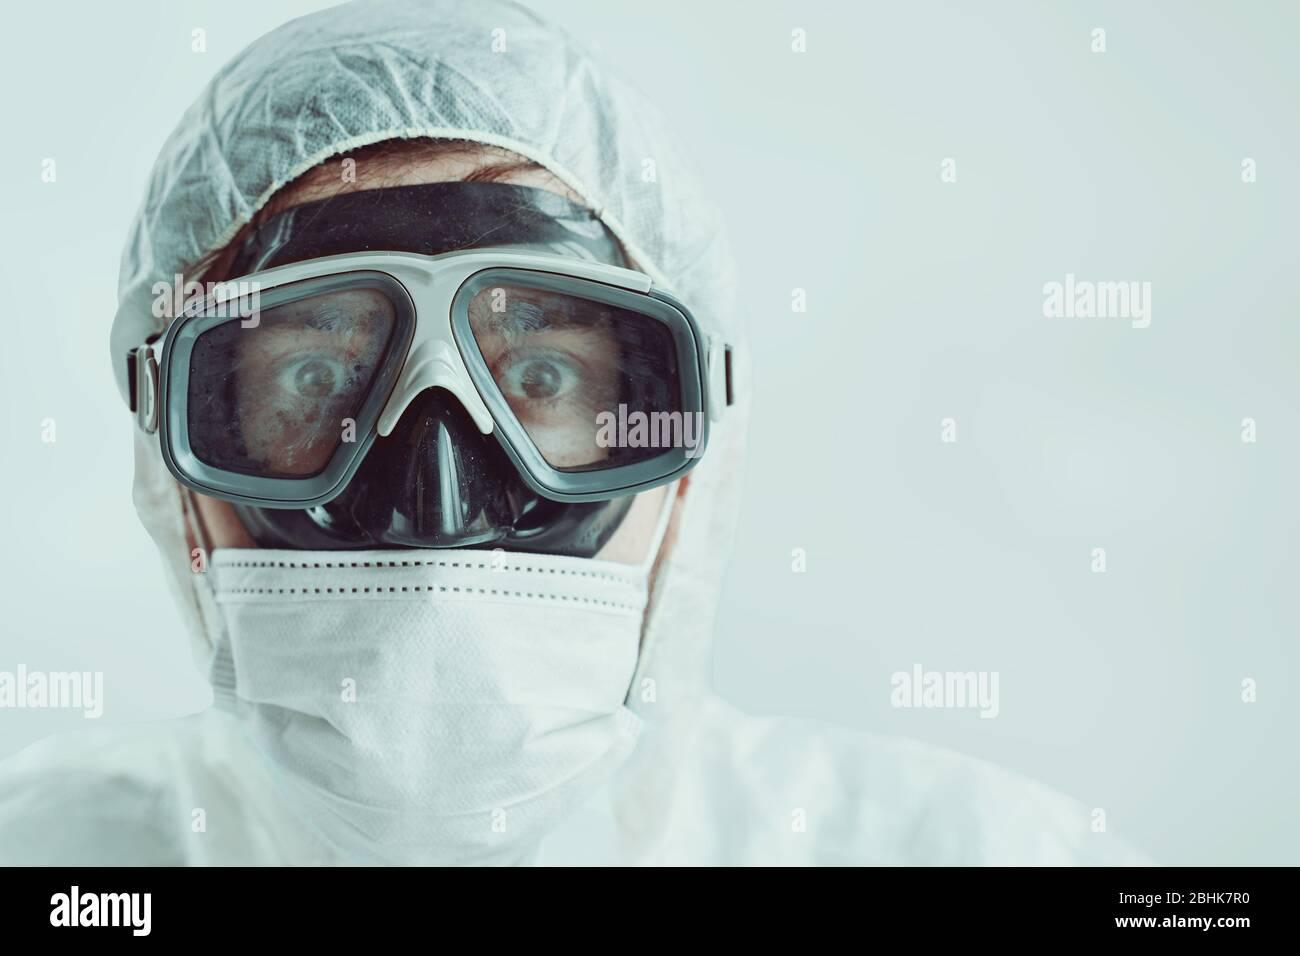 Doctor mirada asustada. El hombre está siendo protegido de una pandemia global. Foto de stock